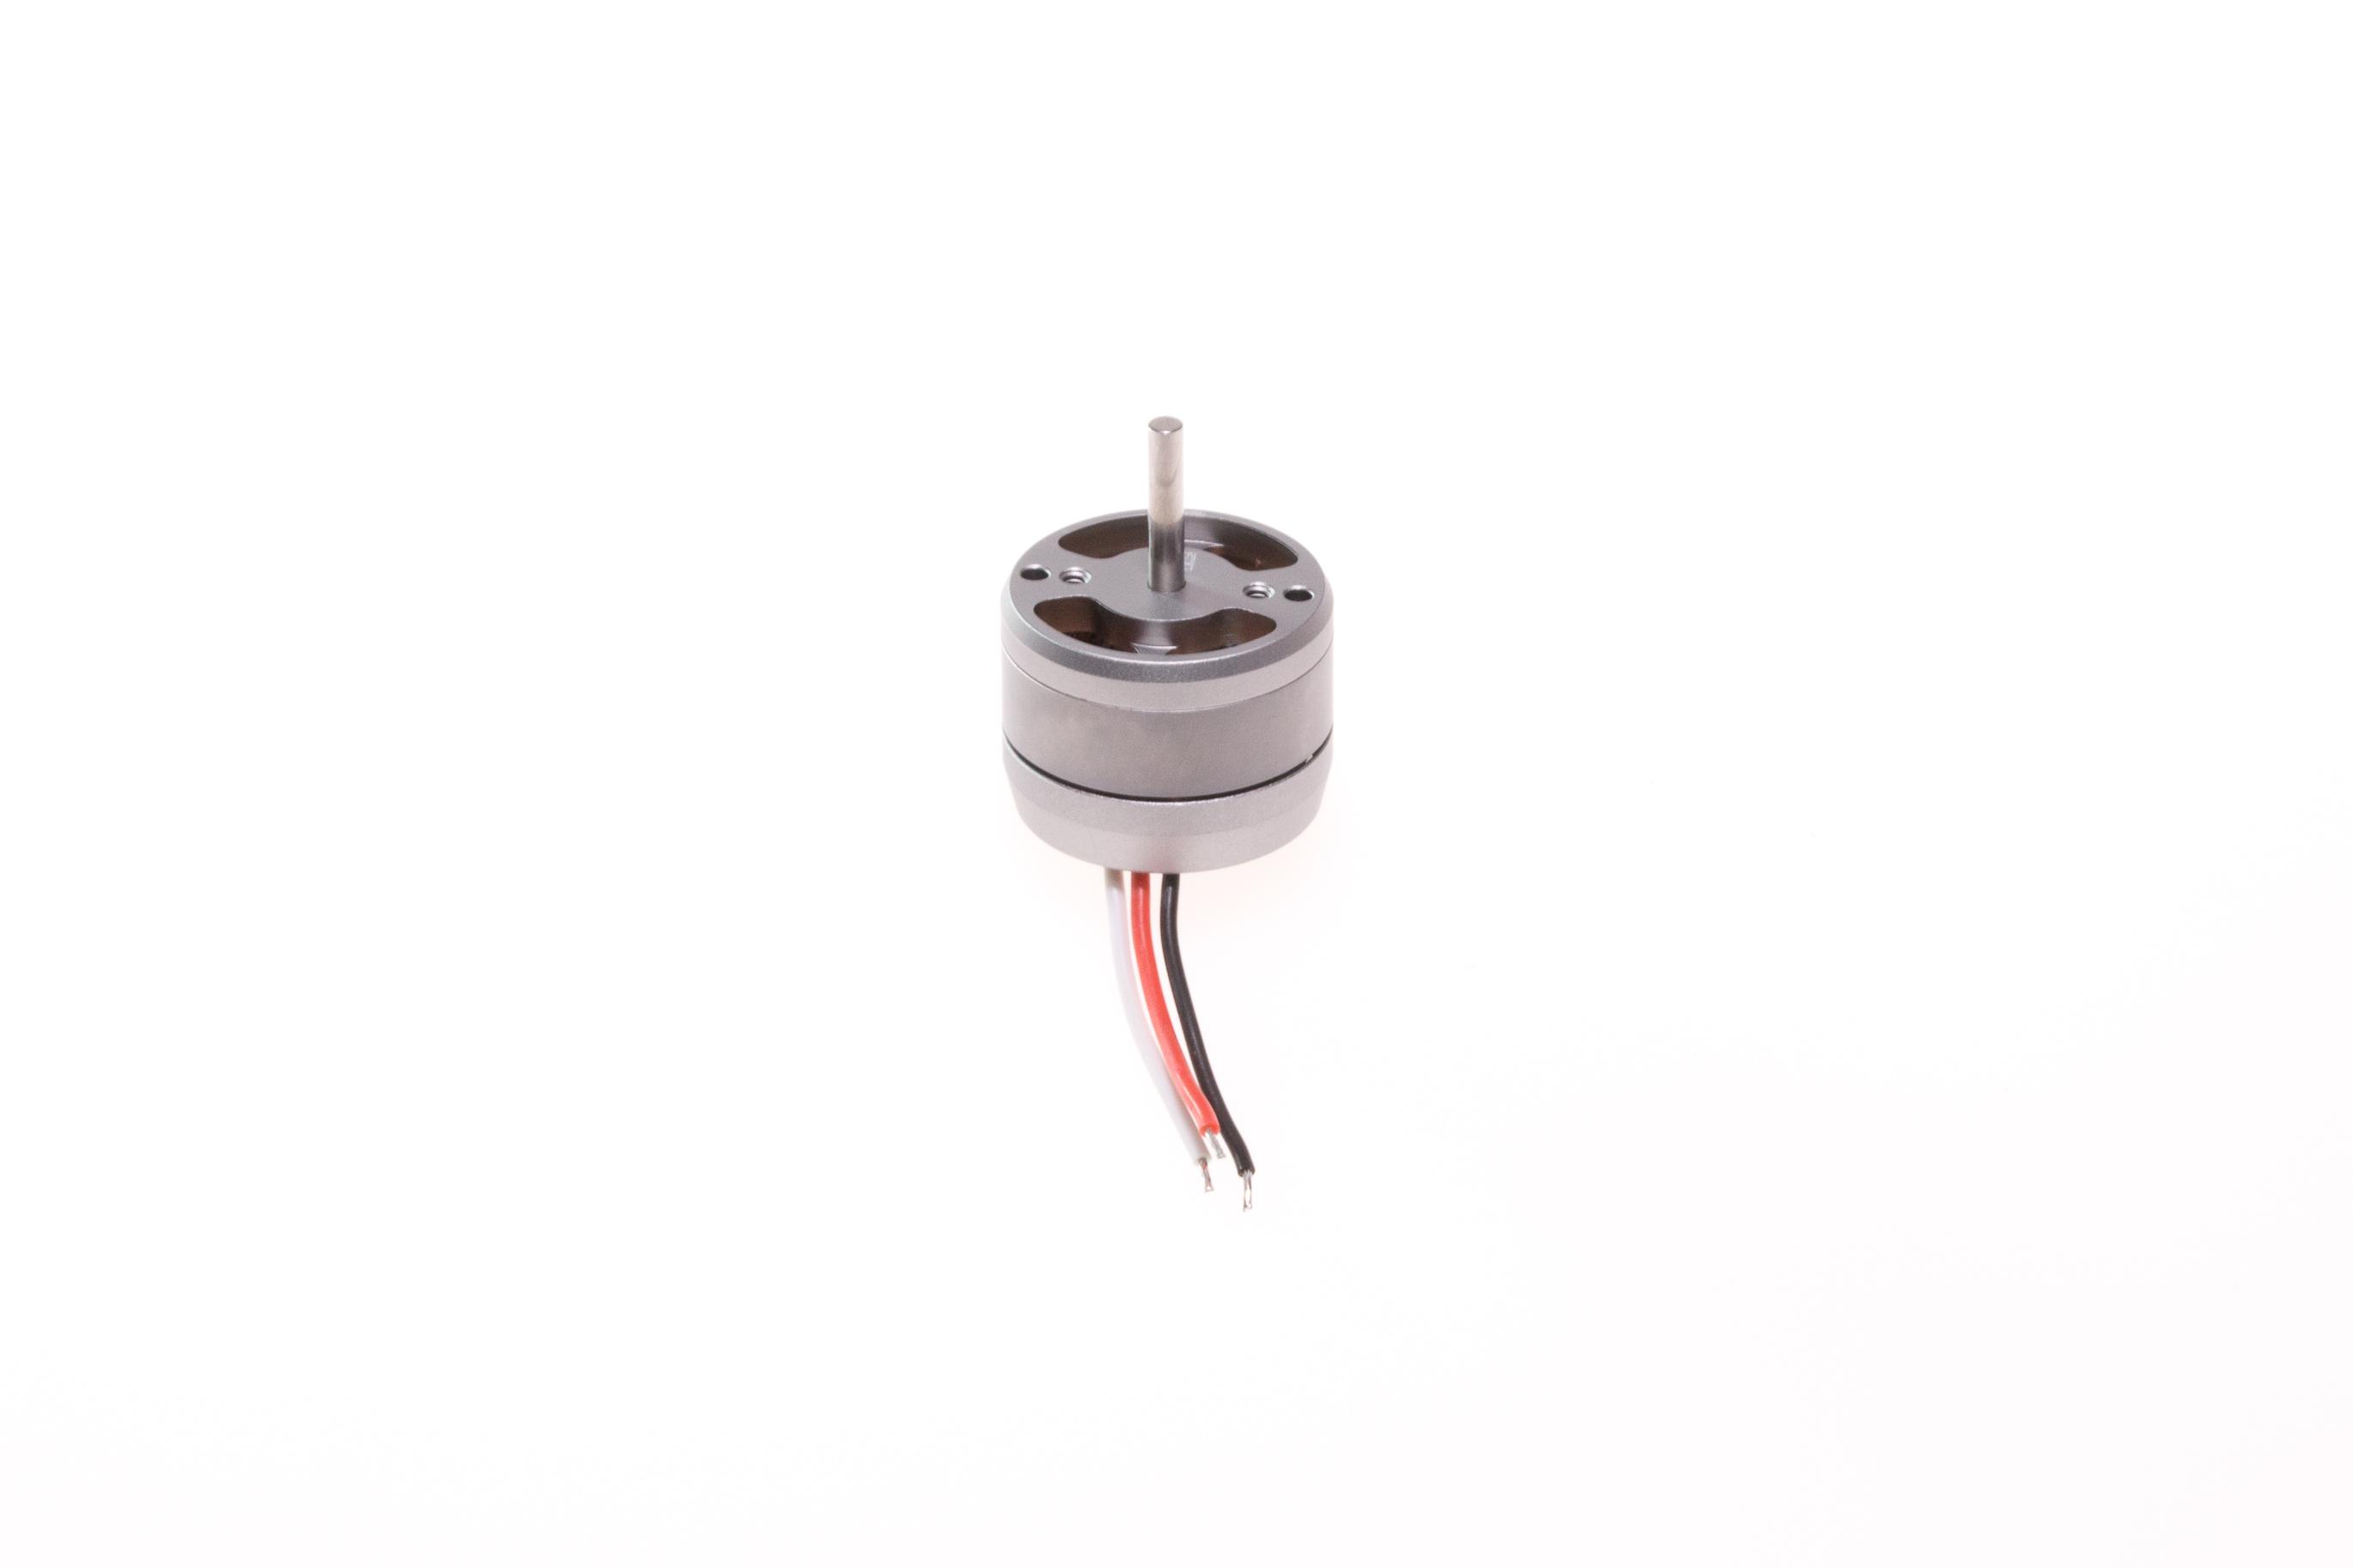 DJI Spark Motor